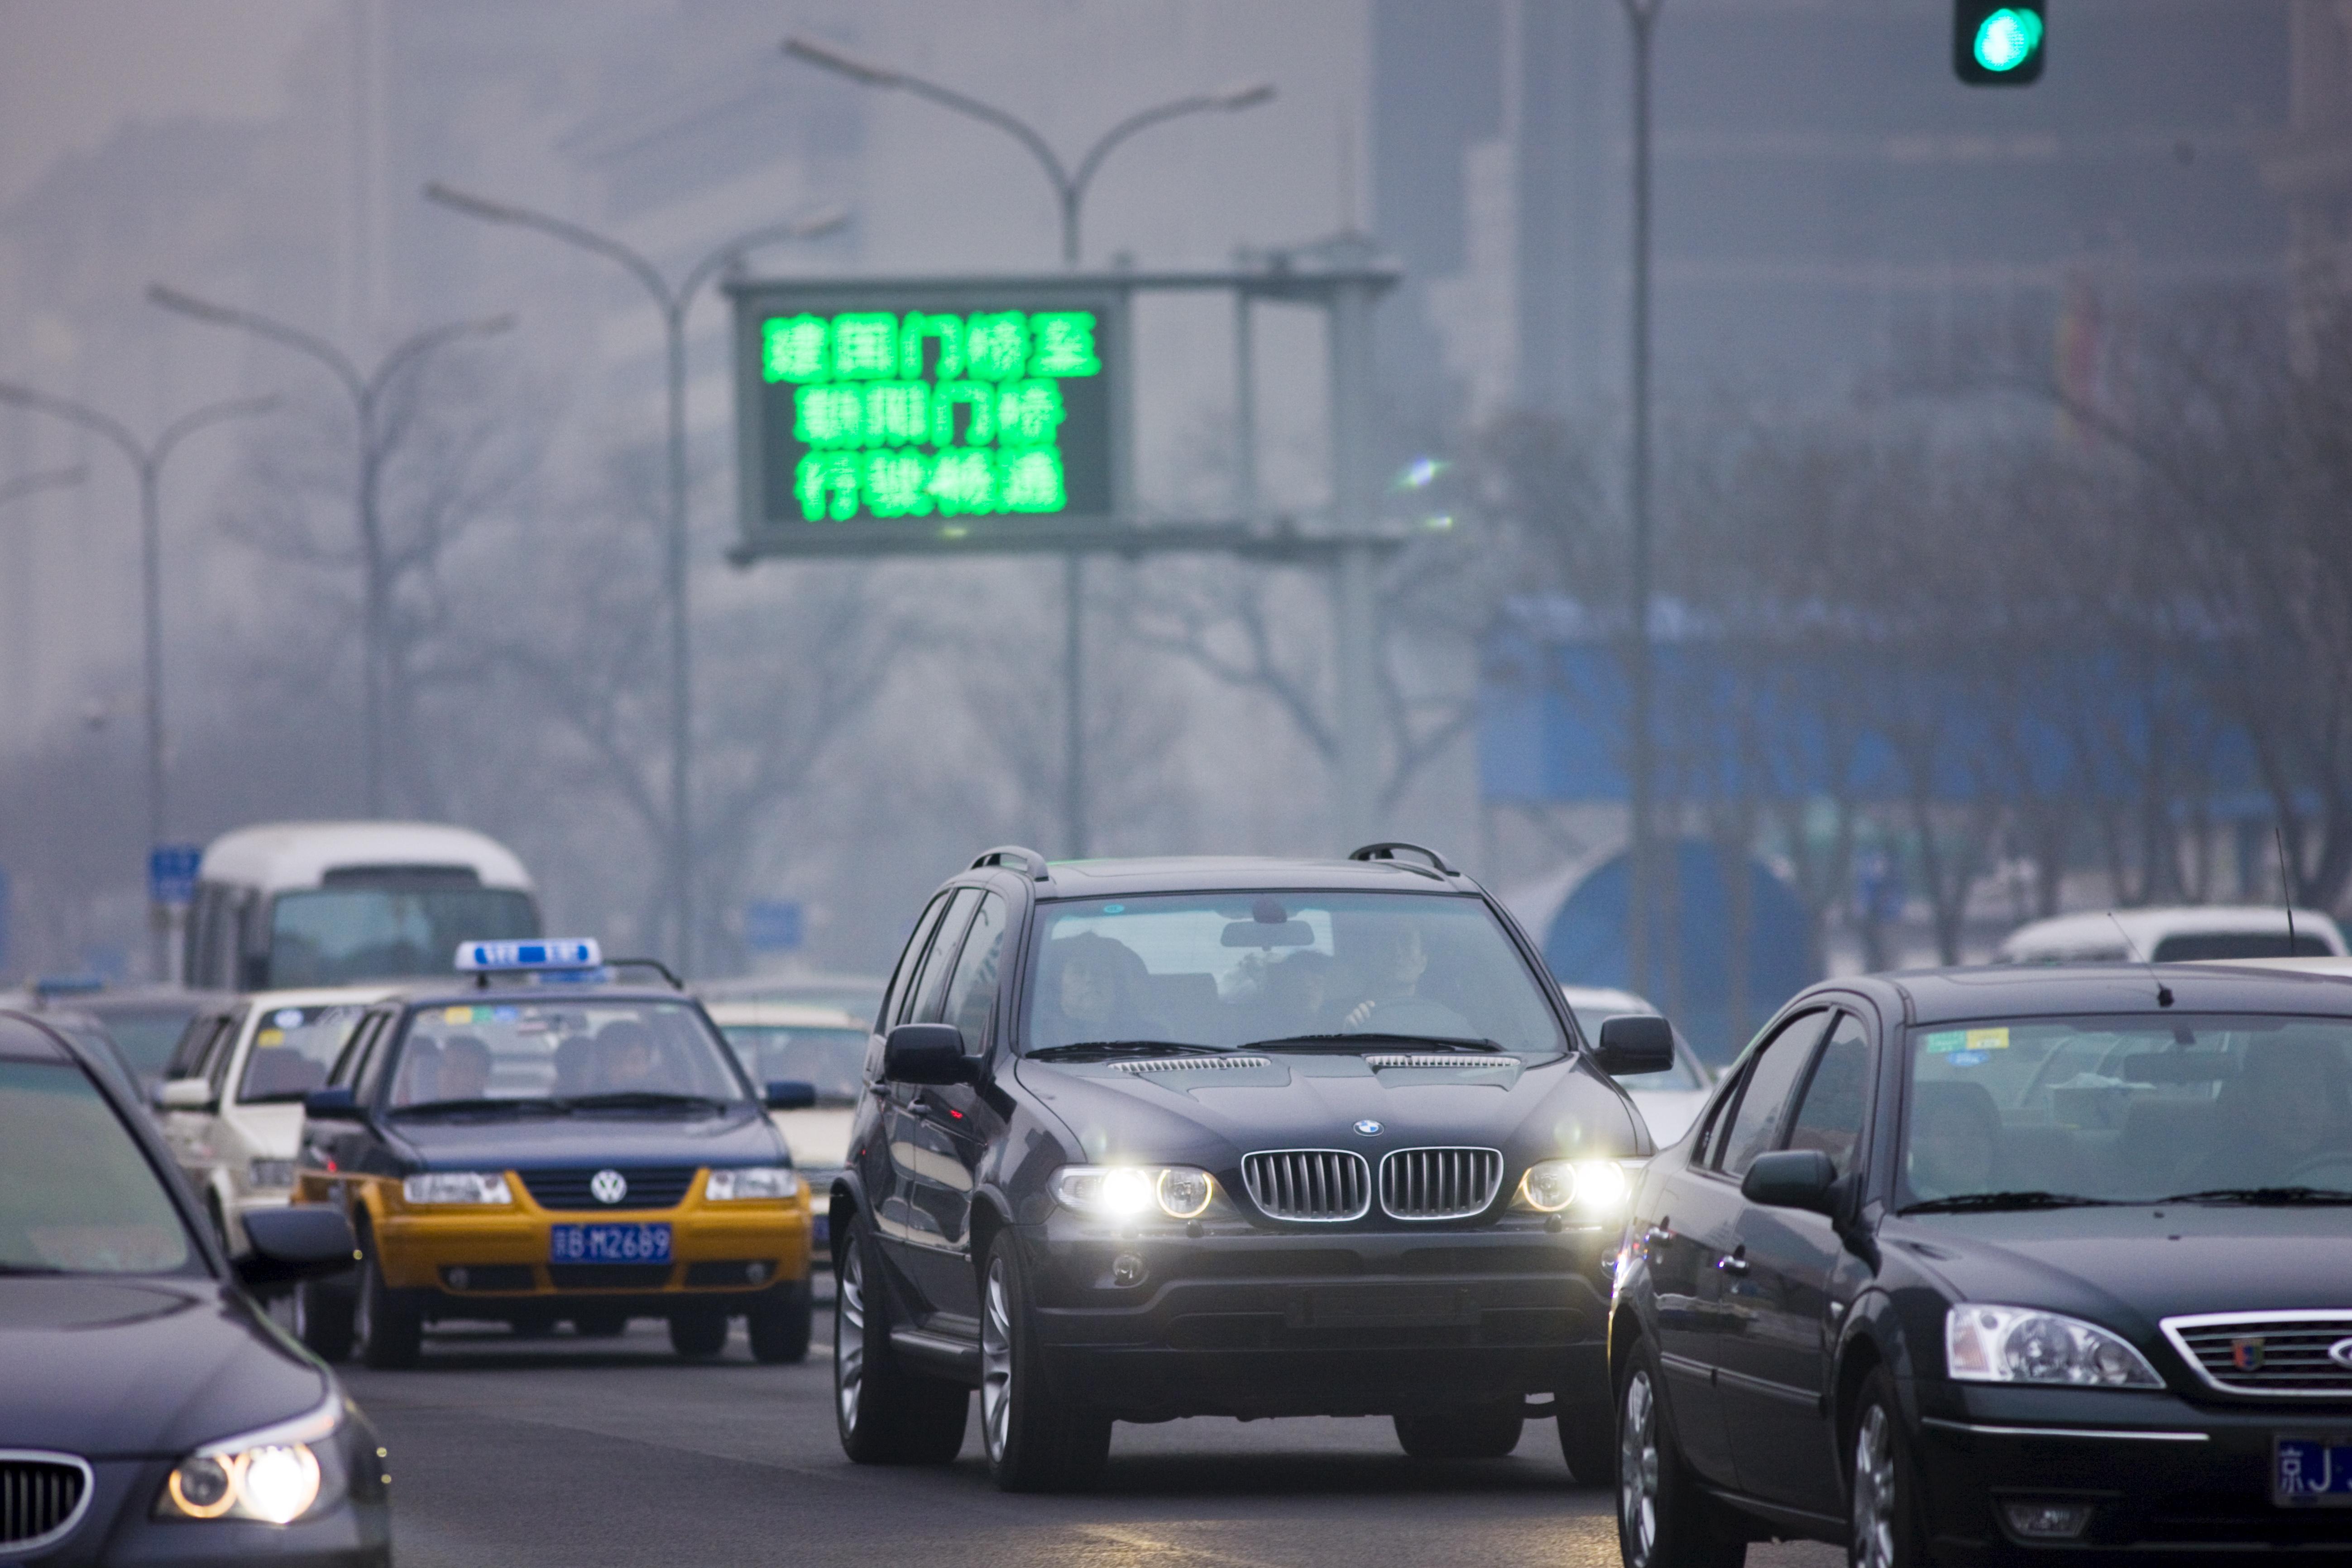 Az utcai terepjárók terjedése a 2. legfőbb oka a szén-dioxid-kibocsátás növekedésének